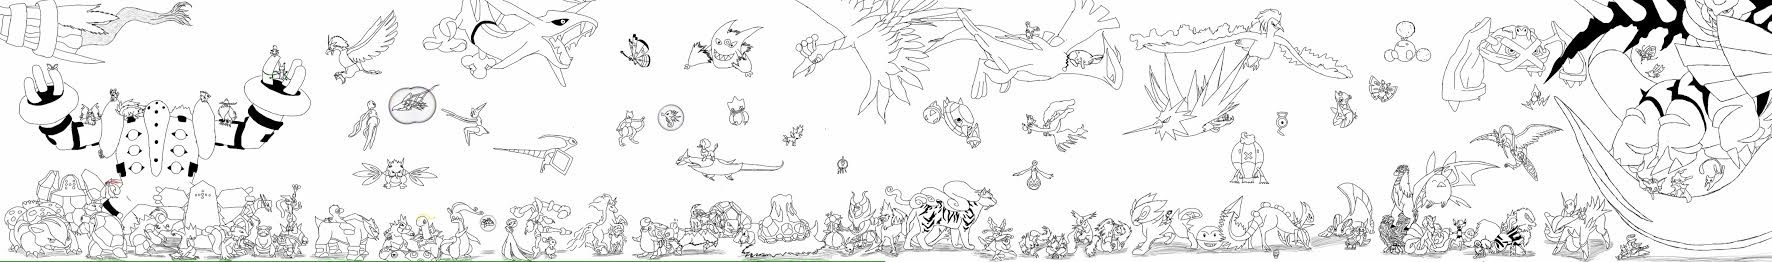 Pokemon WIP by starkittens